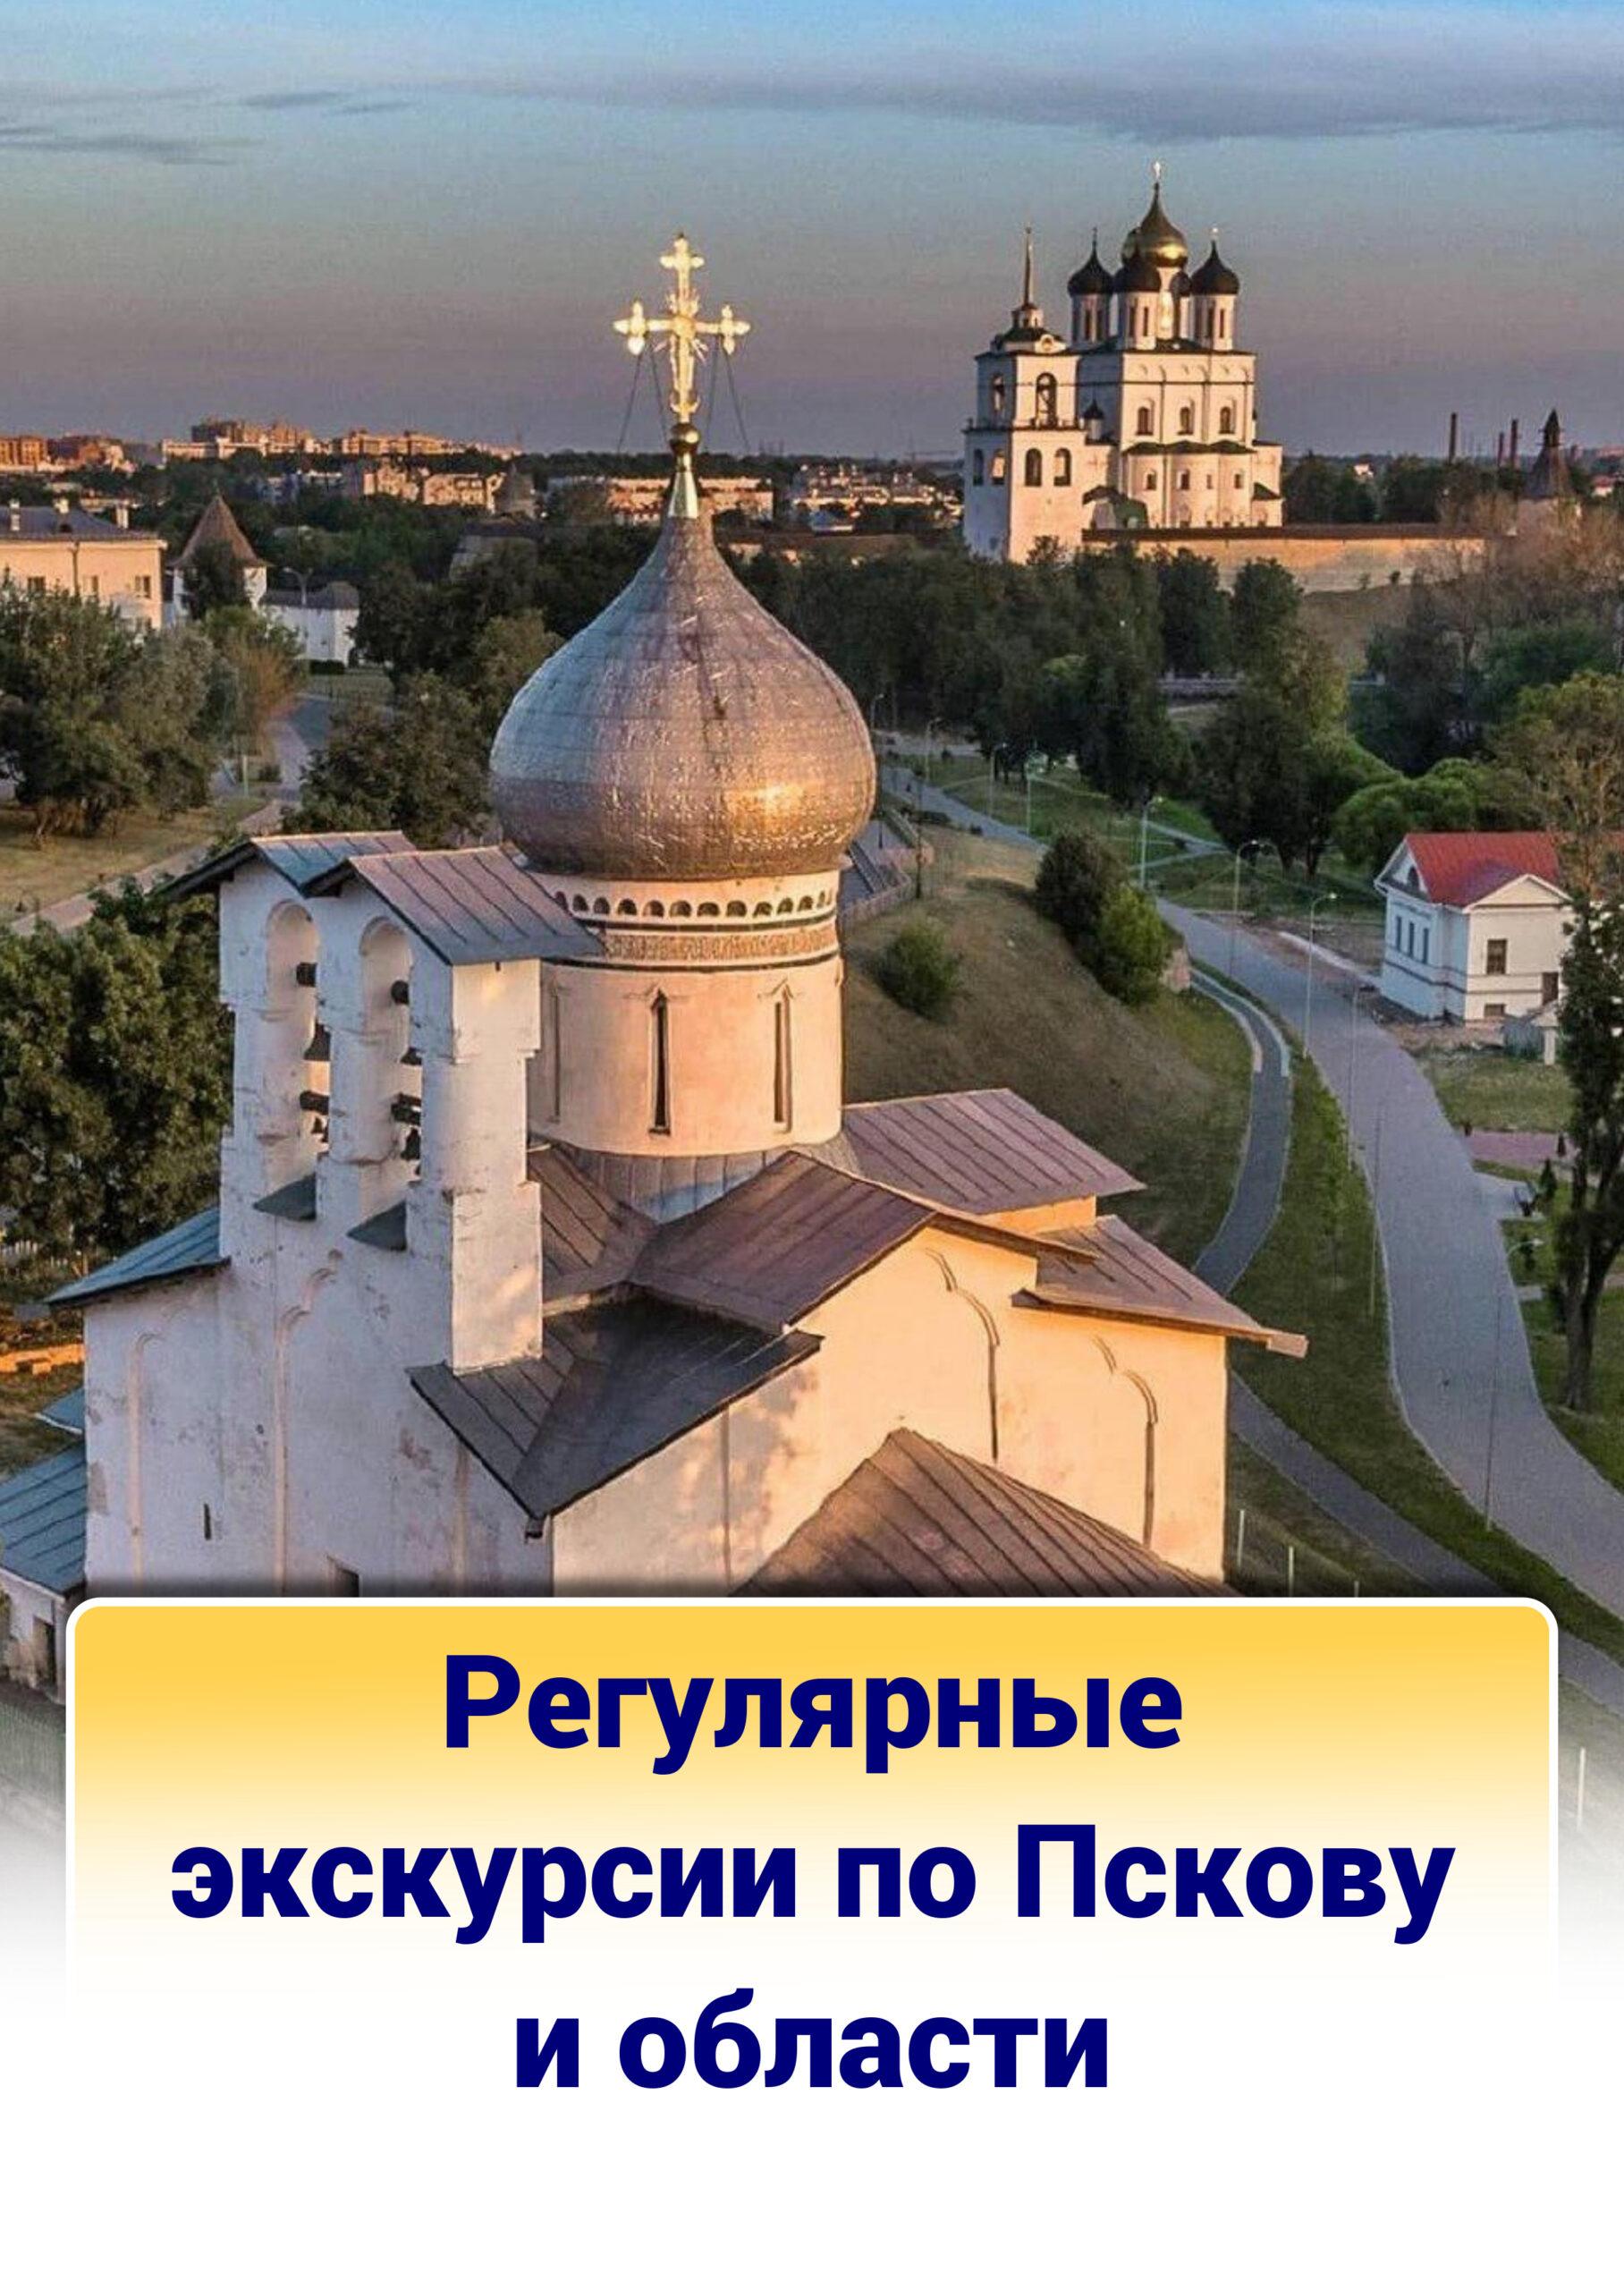 Регулярные экскурсии по Пскову и области